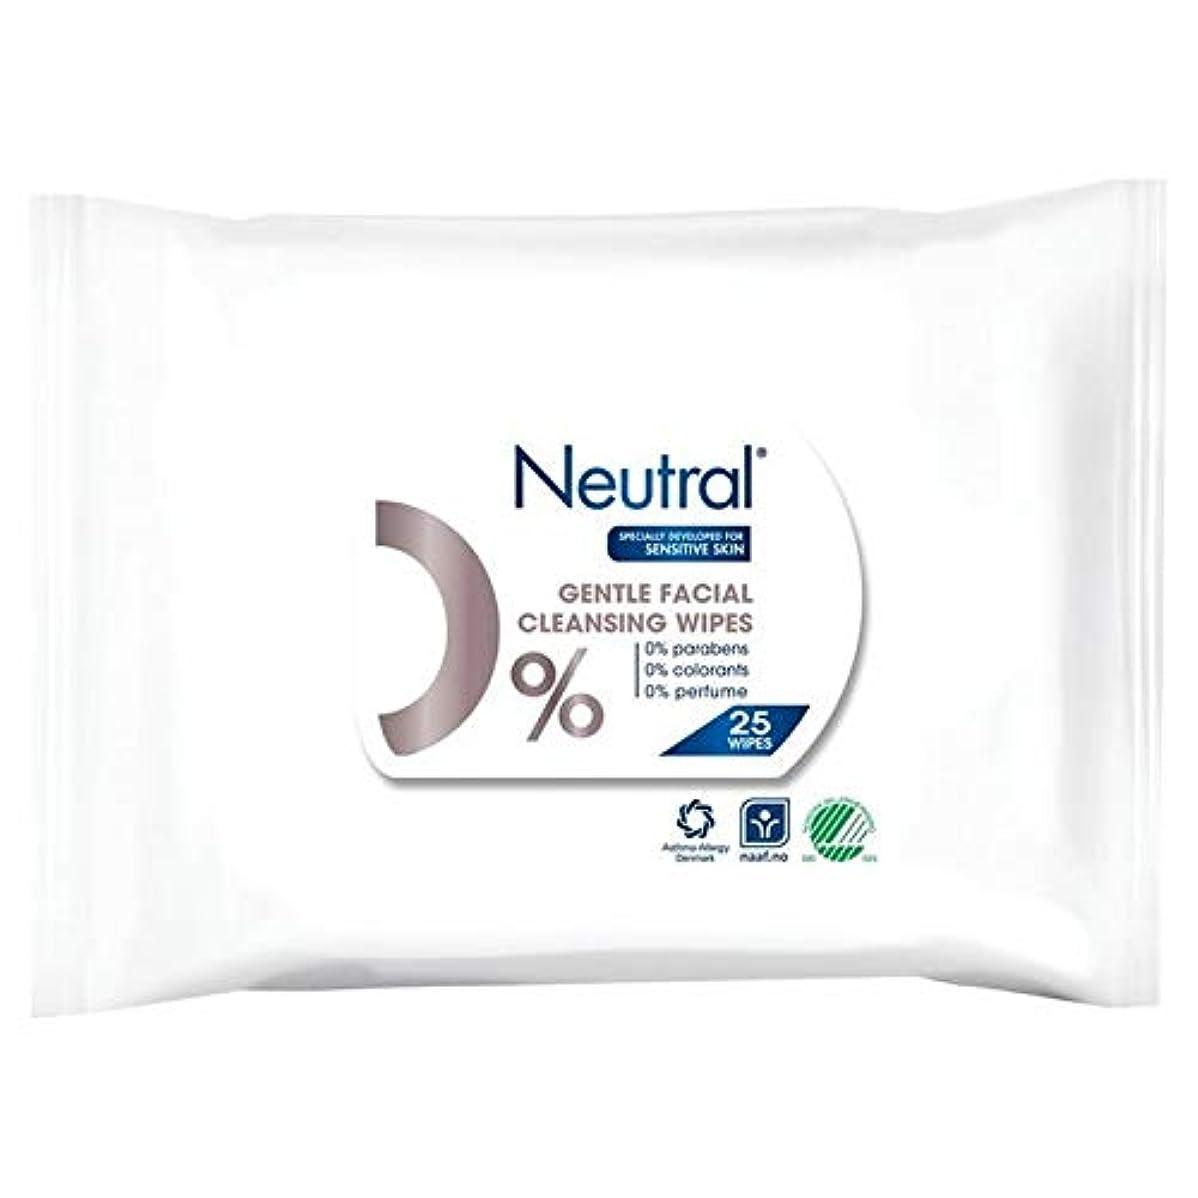 釈義句読点チェス[Neutral ] ニュートラル0%顔はパックあたり25ワイプ - Neutral 0% Face Wipes 25 per pack [並行輸入品]